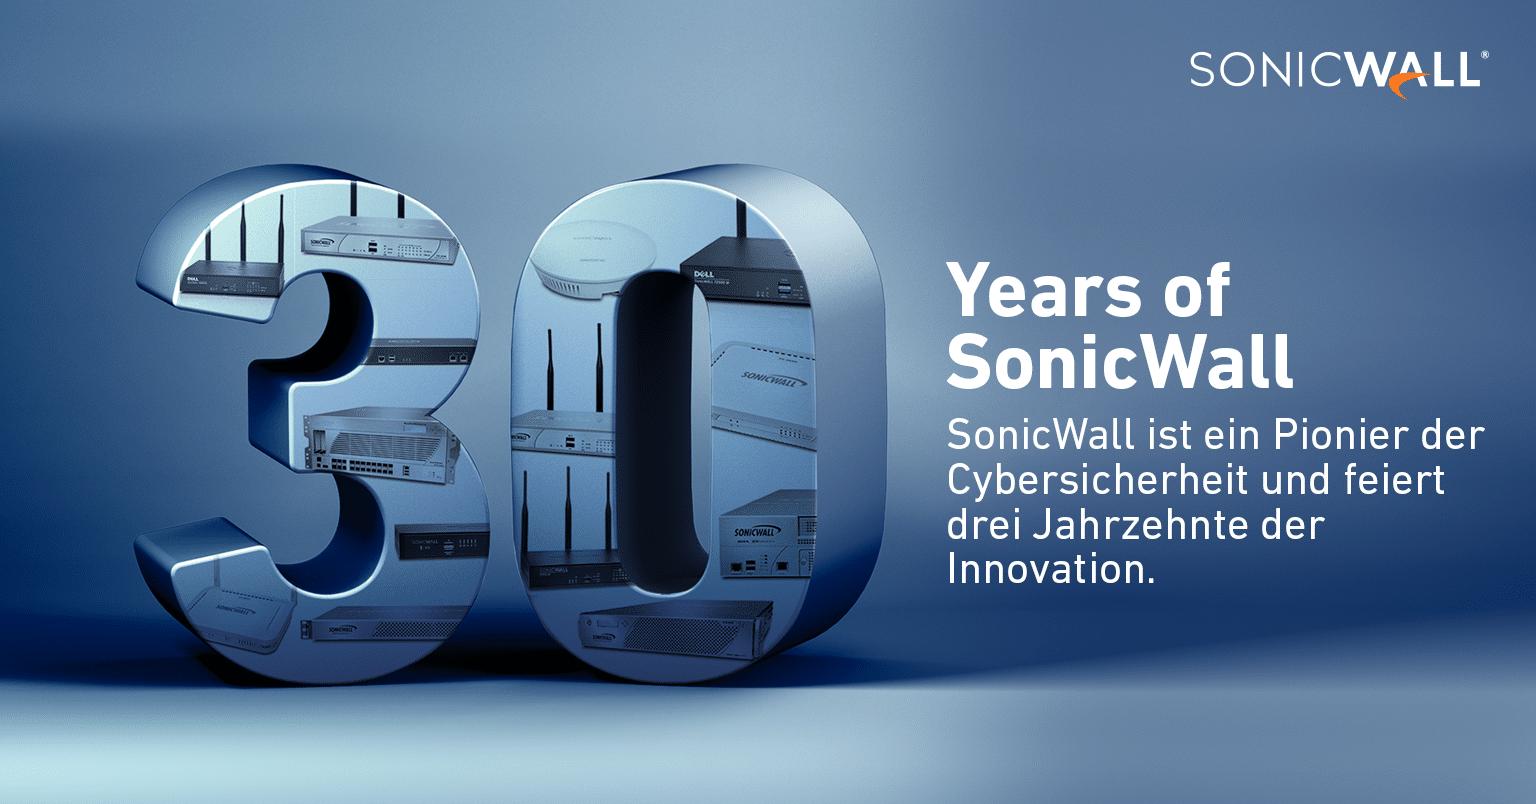 SonicWall wird 30: Pionier in der Cybersicherheit feiert drei Jahrzehnte der Innovation